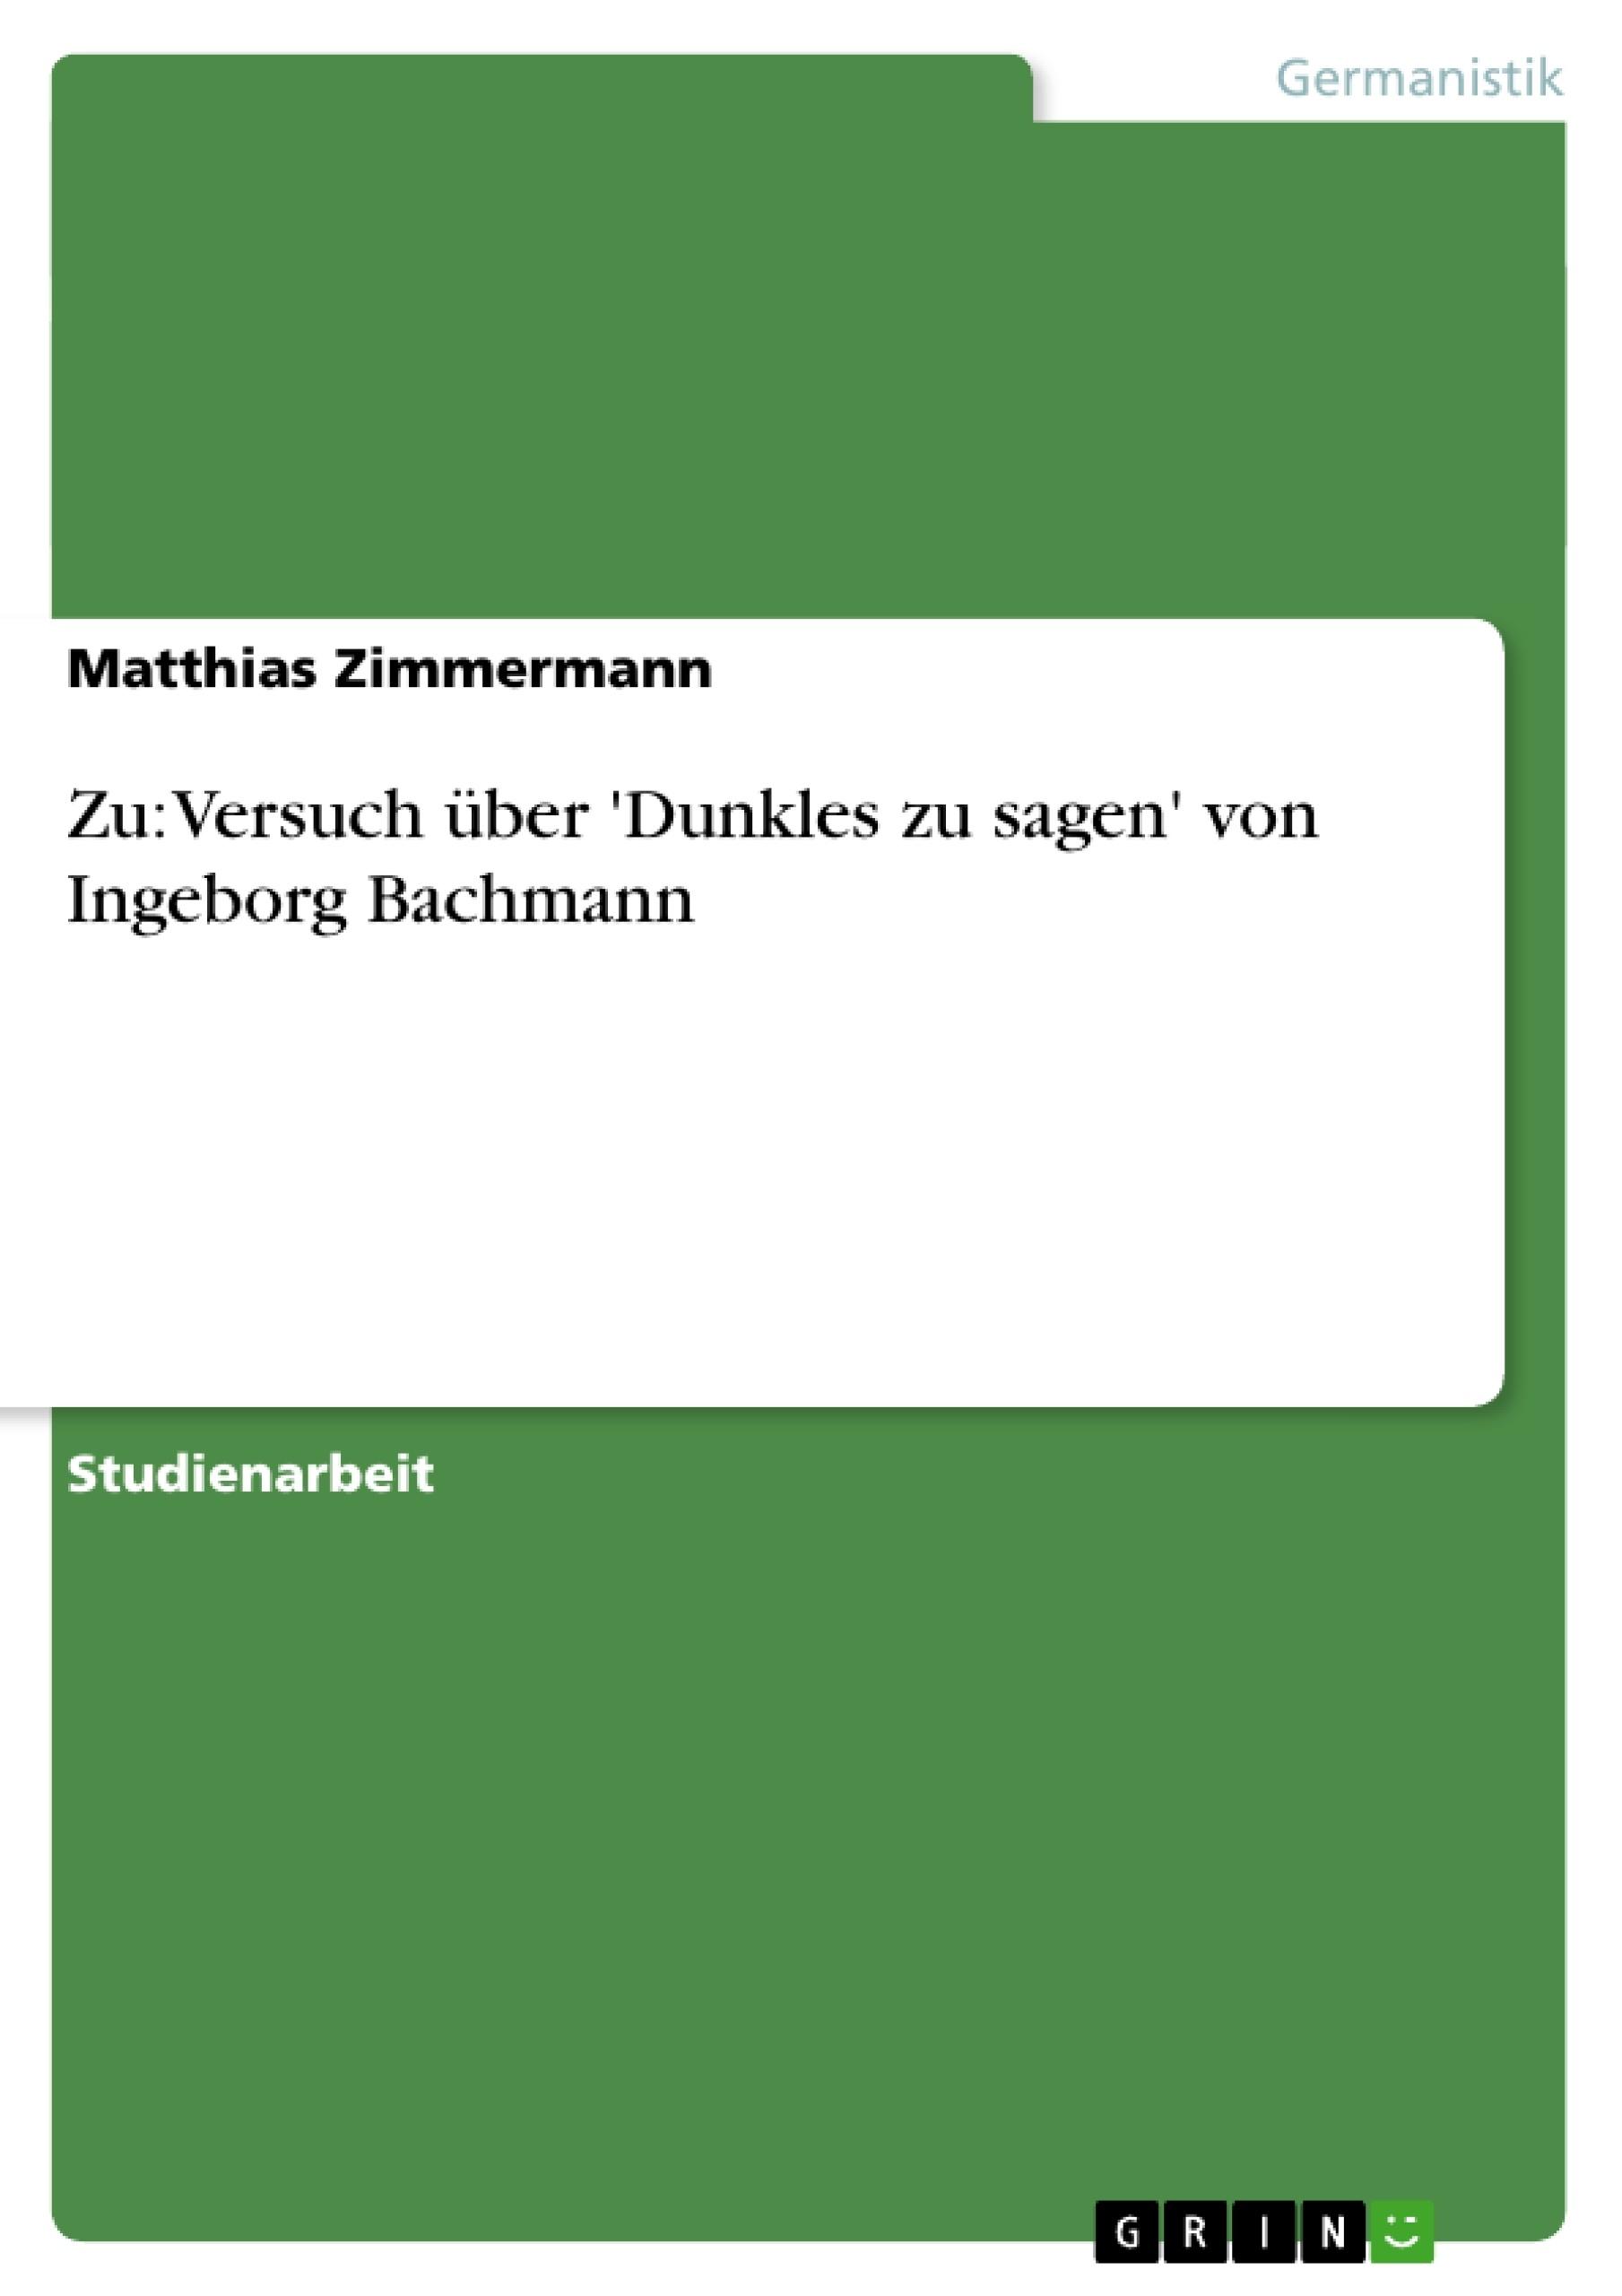 Titel: Zu: Versuch über 'Dunkles zu sagen' von Ingeborg Bachmann